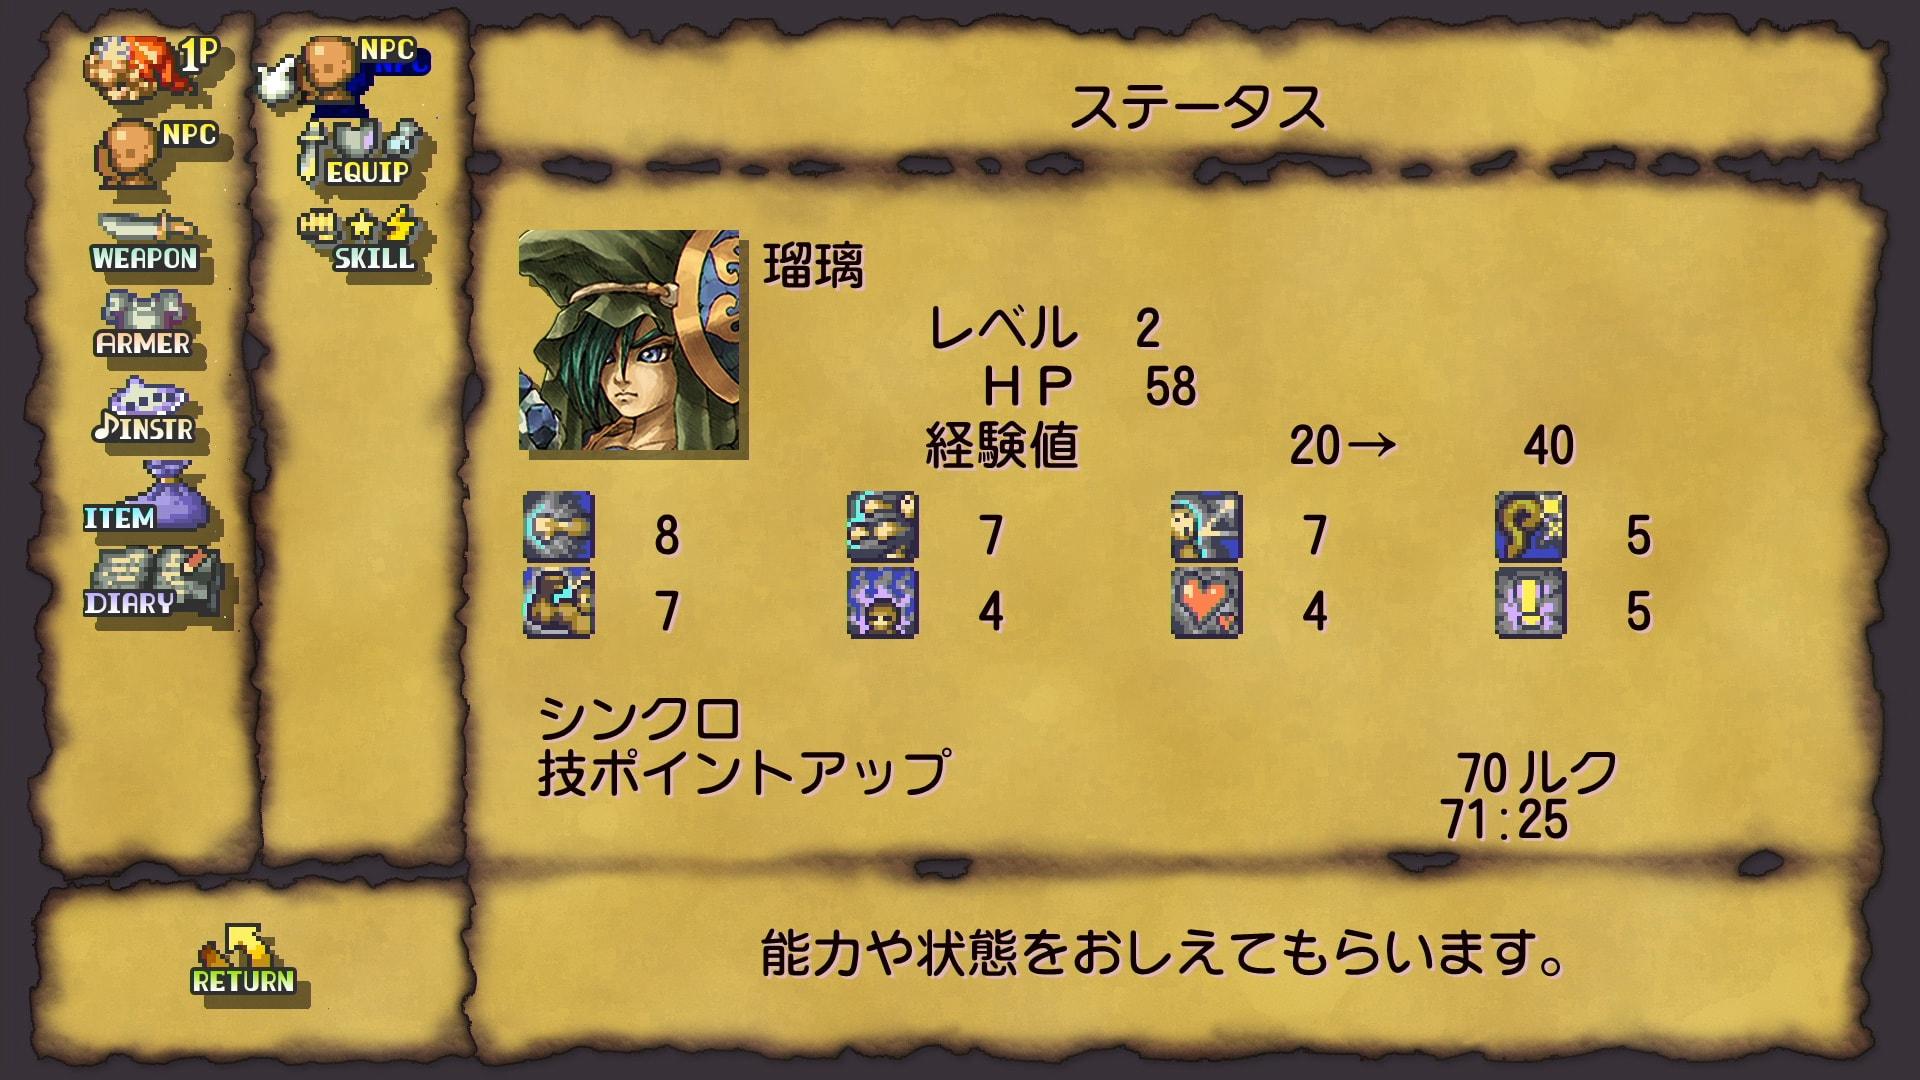 『聖剣伝説 LOM』オリジナル版フォント